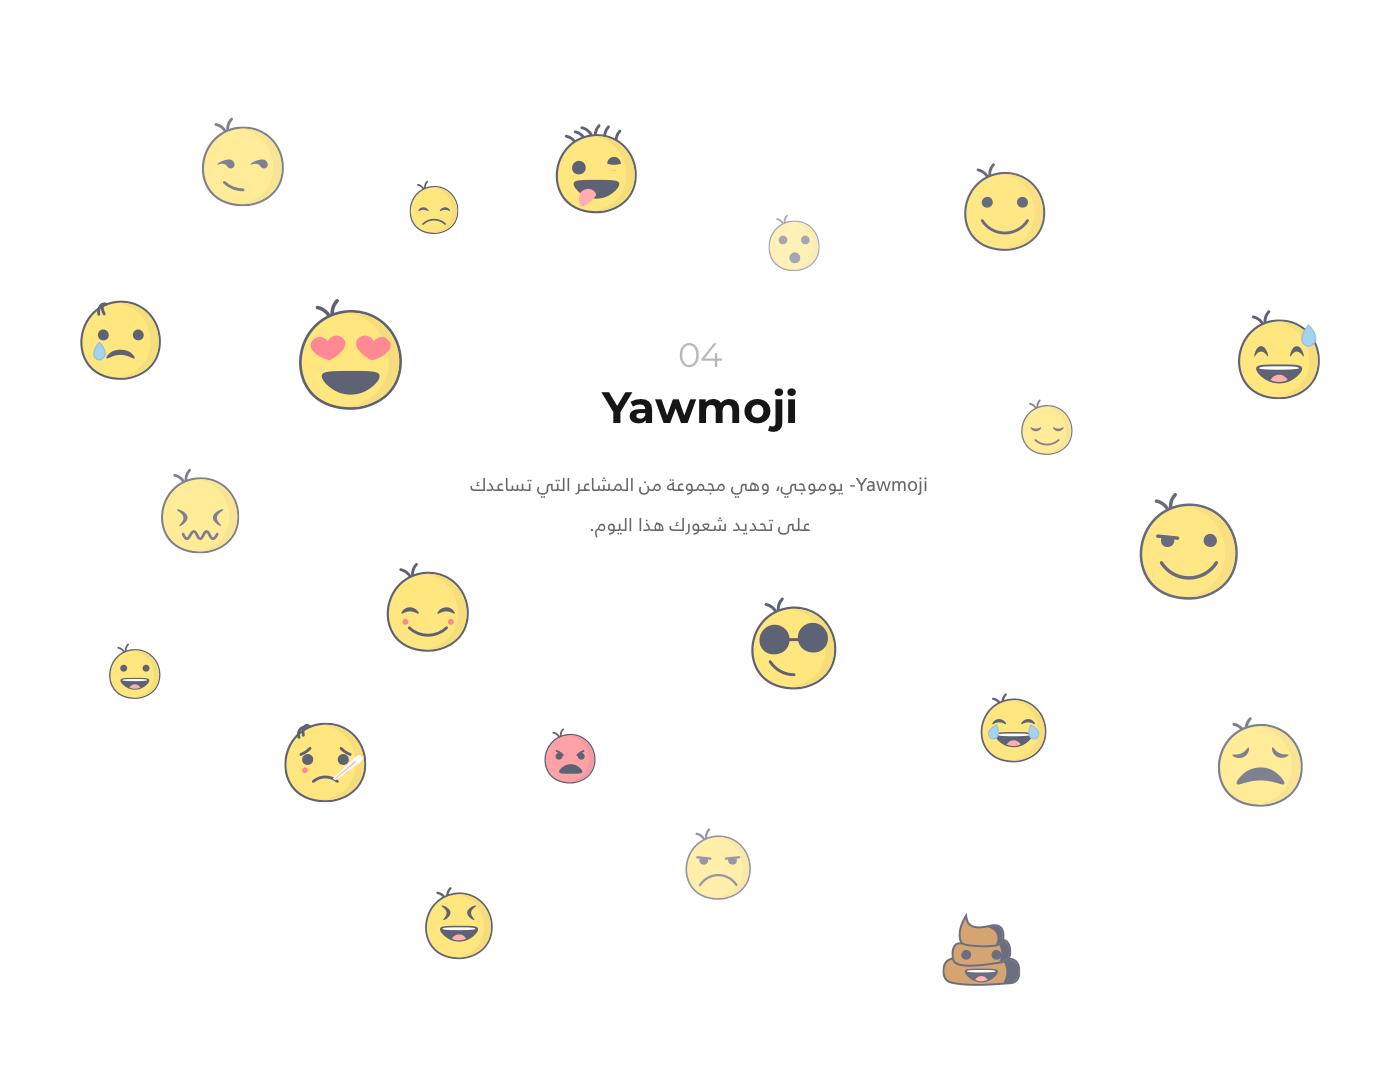 Yawmoji